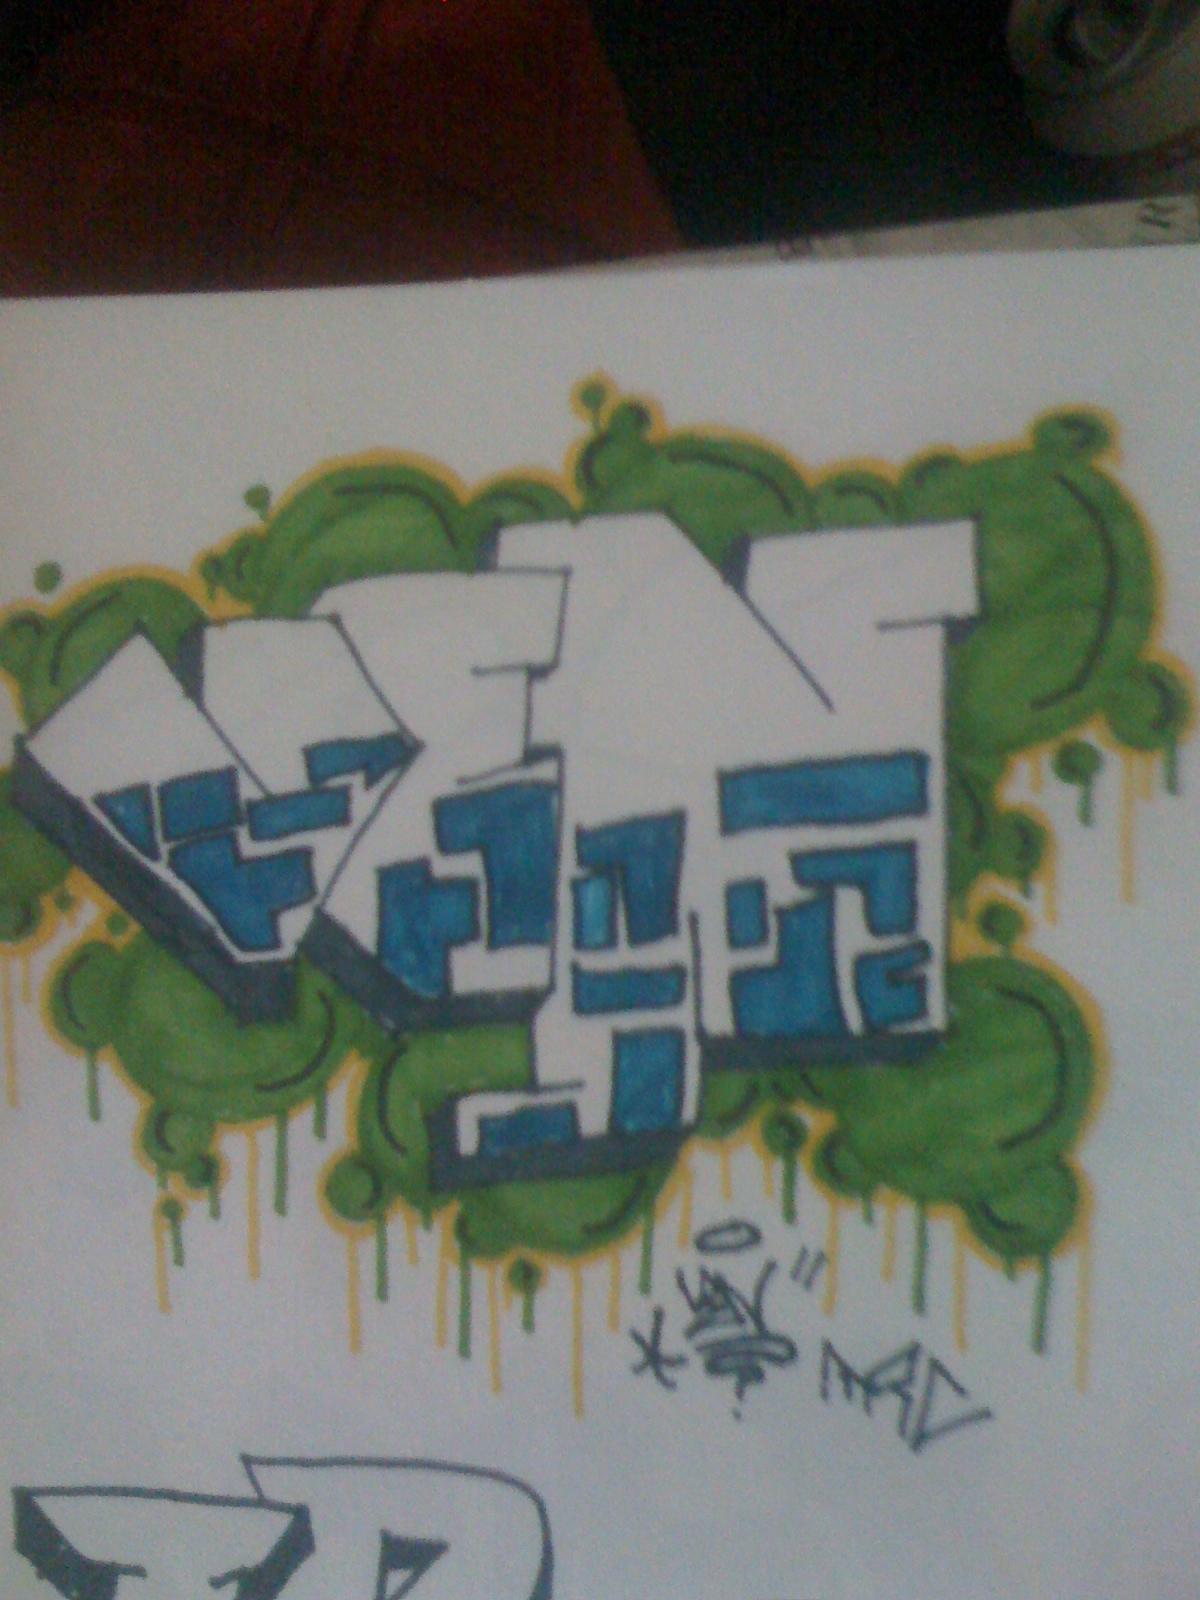 venom graffiti